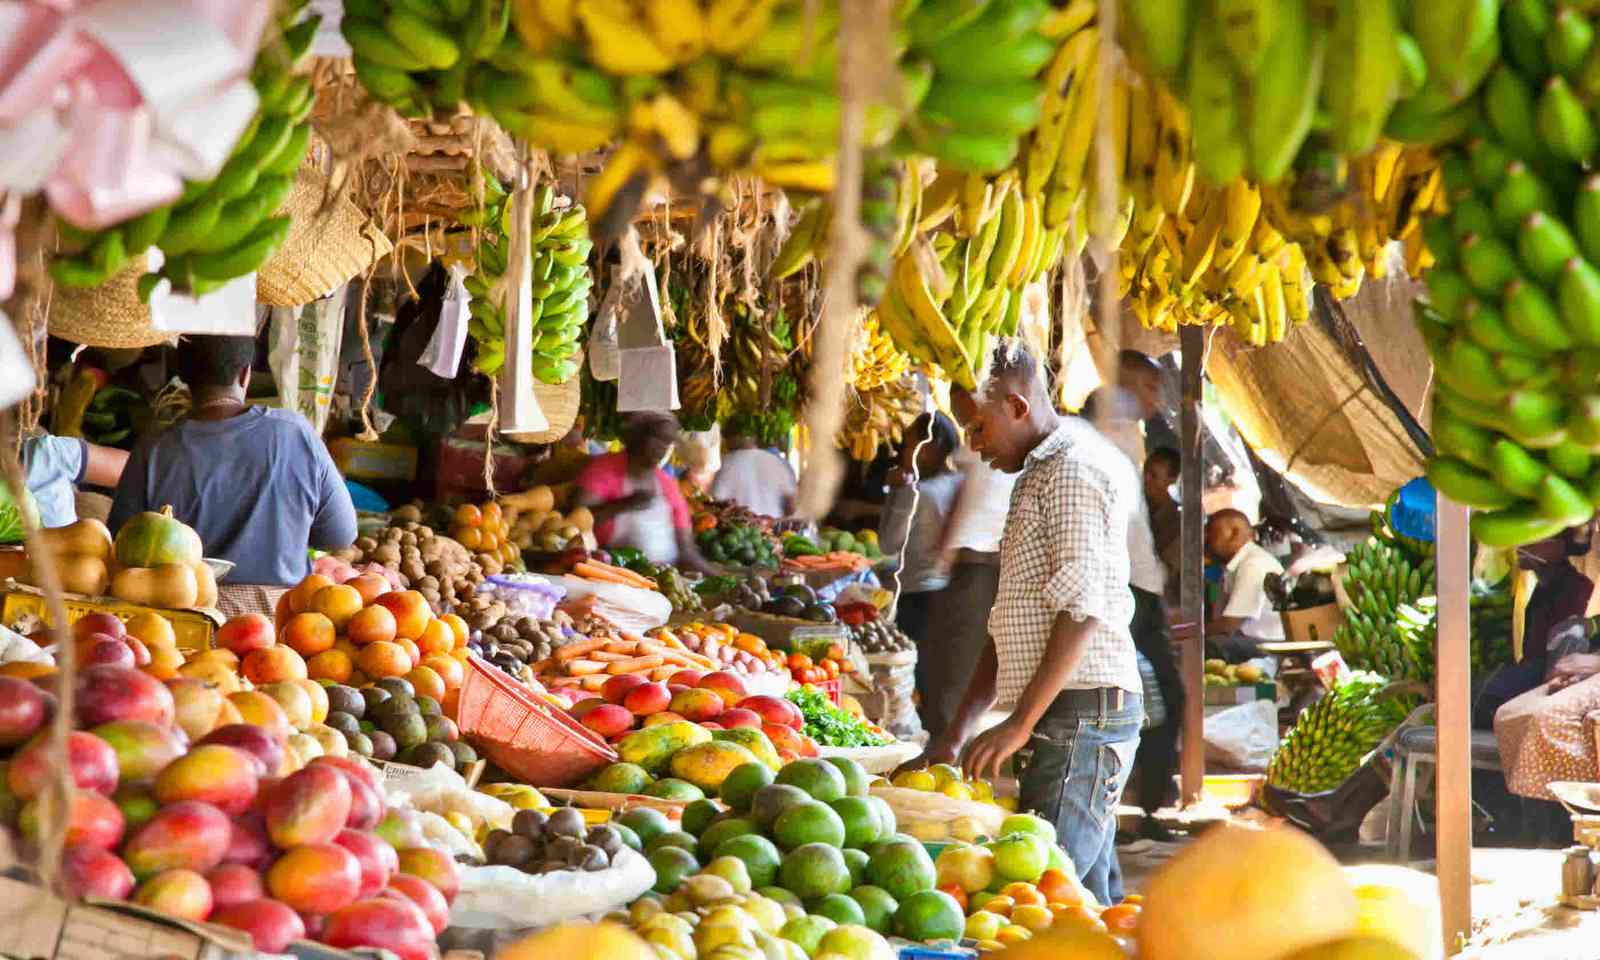 Fruit and vegetable market in Nairobi, Kenya (Shutterstock)